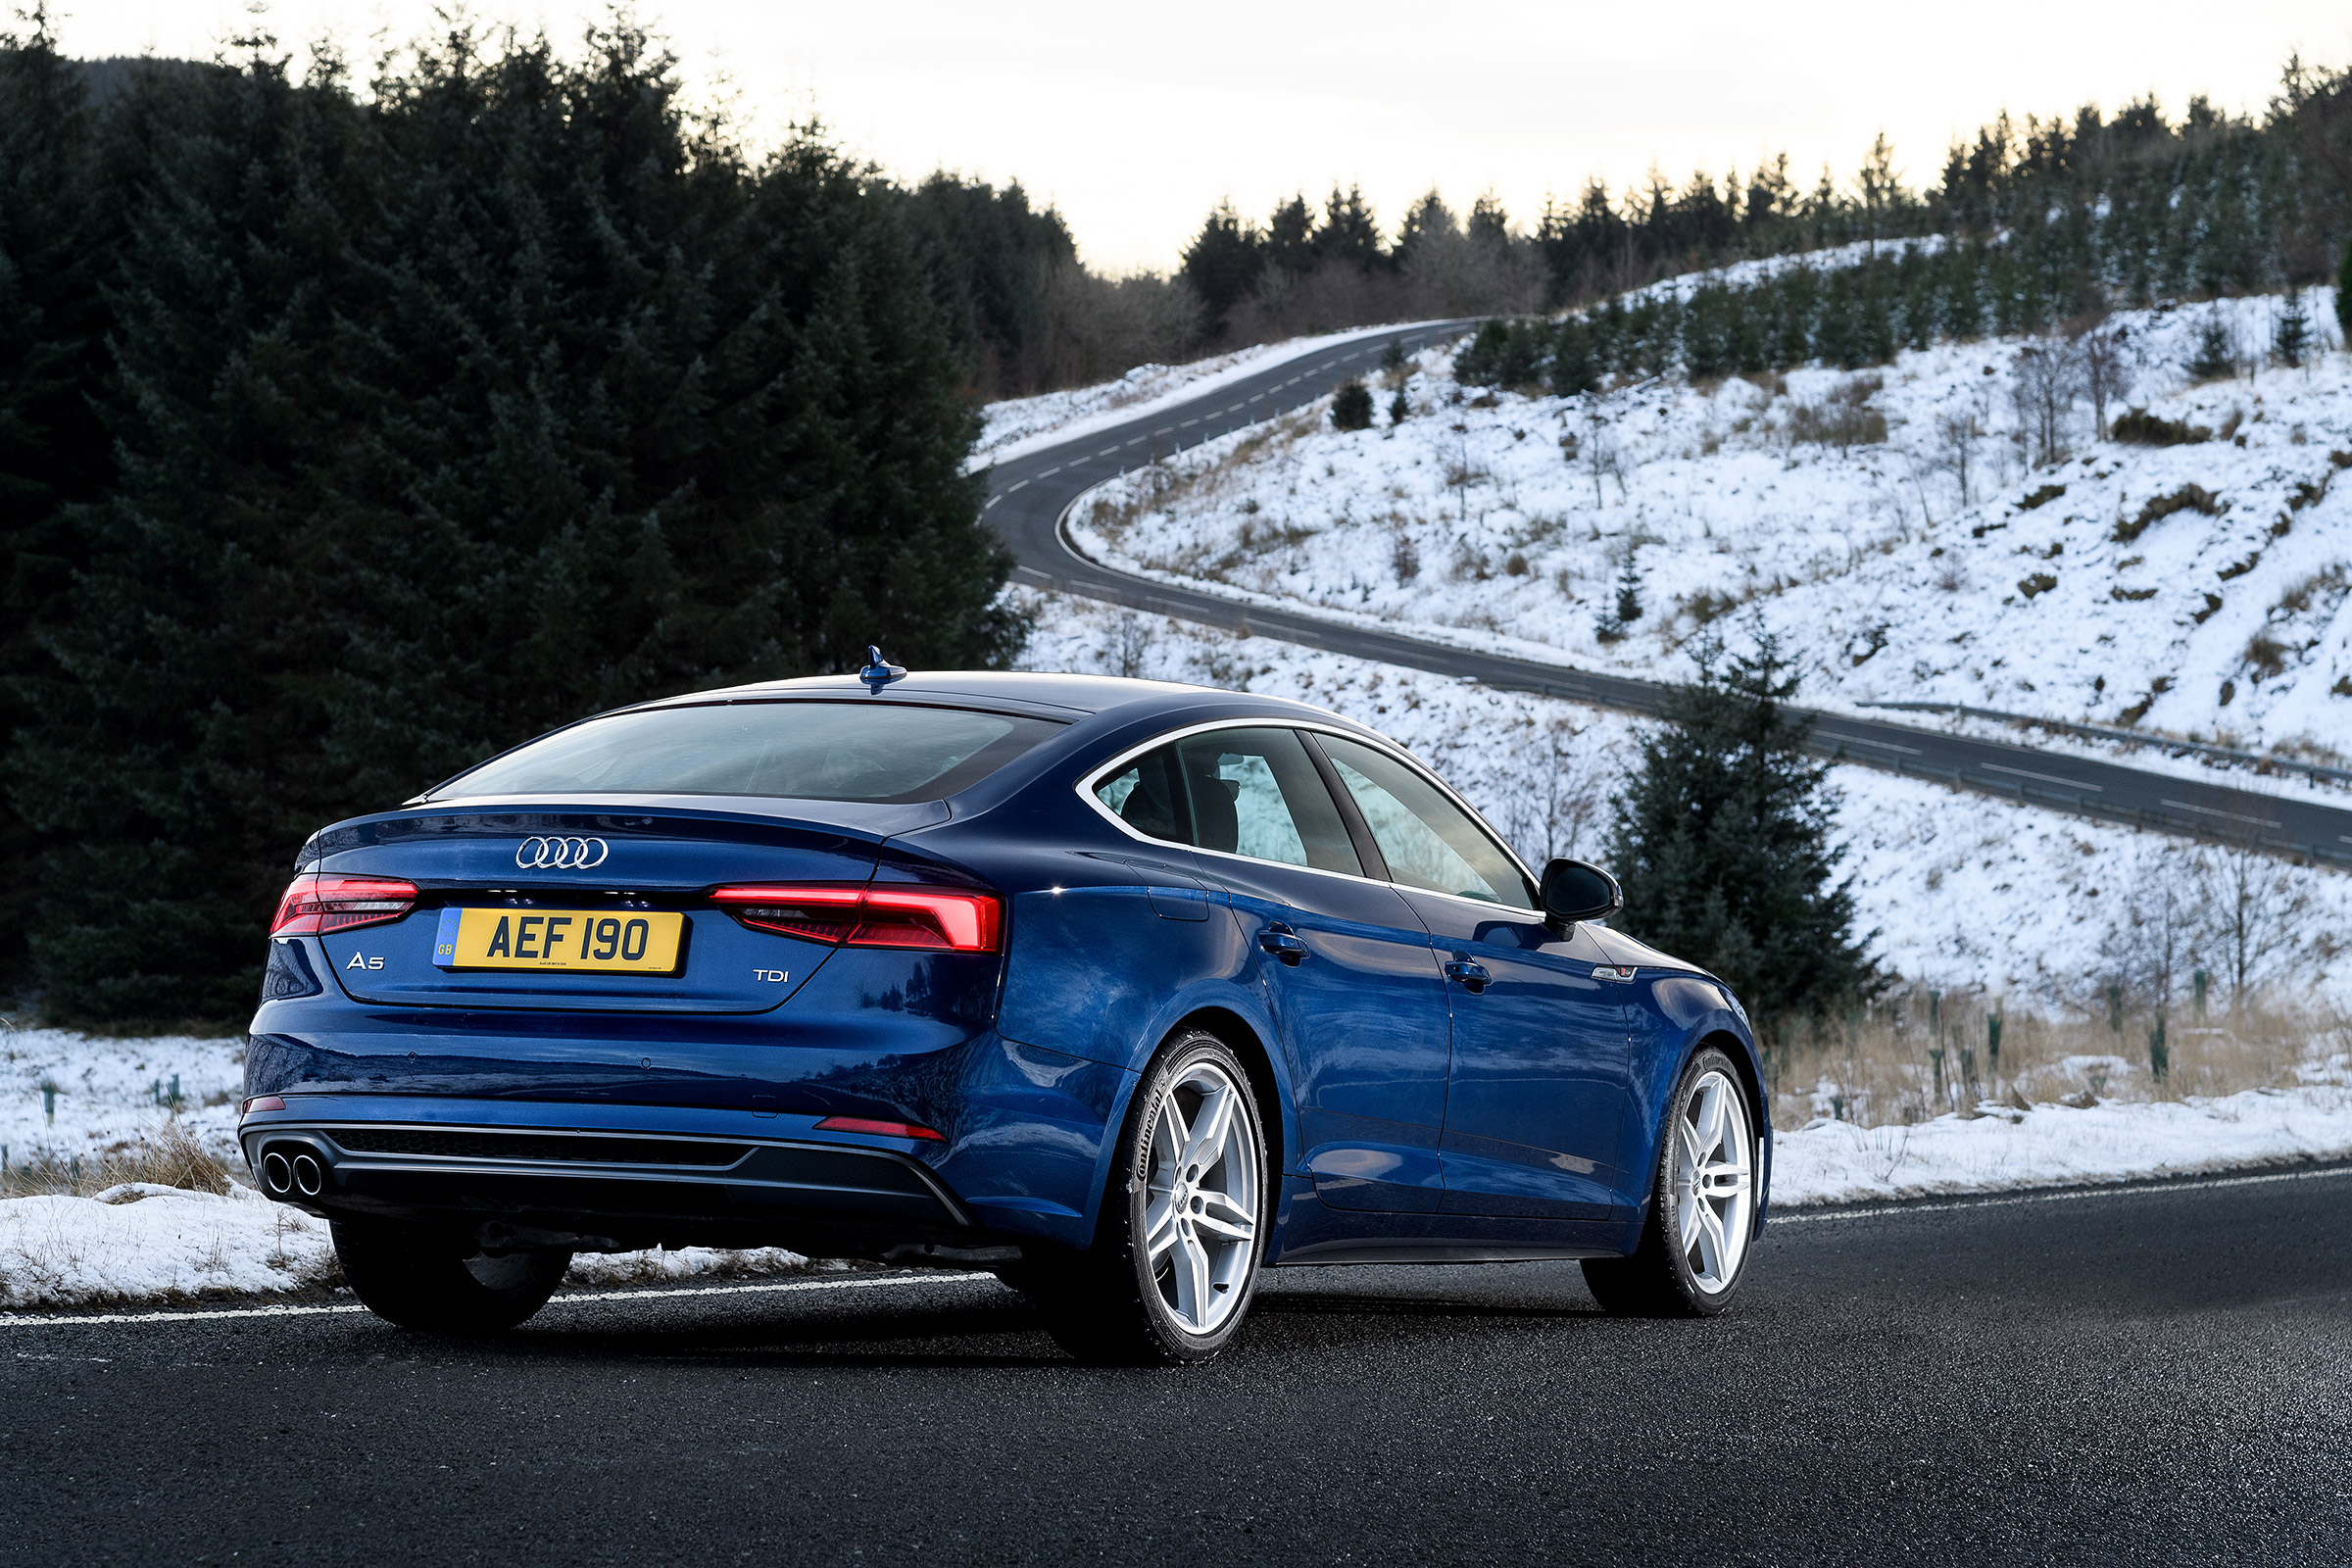 Kekurangan Audi A5 Avant Murah Berkualitas